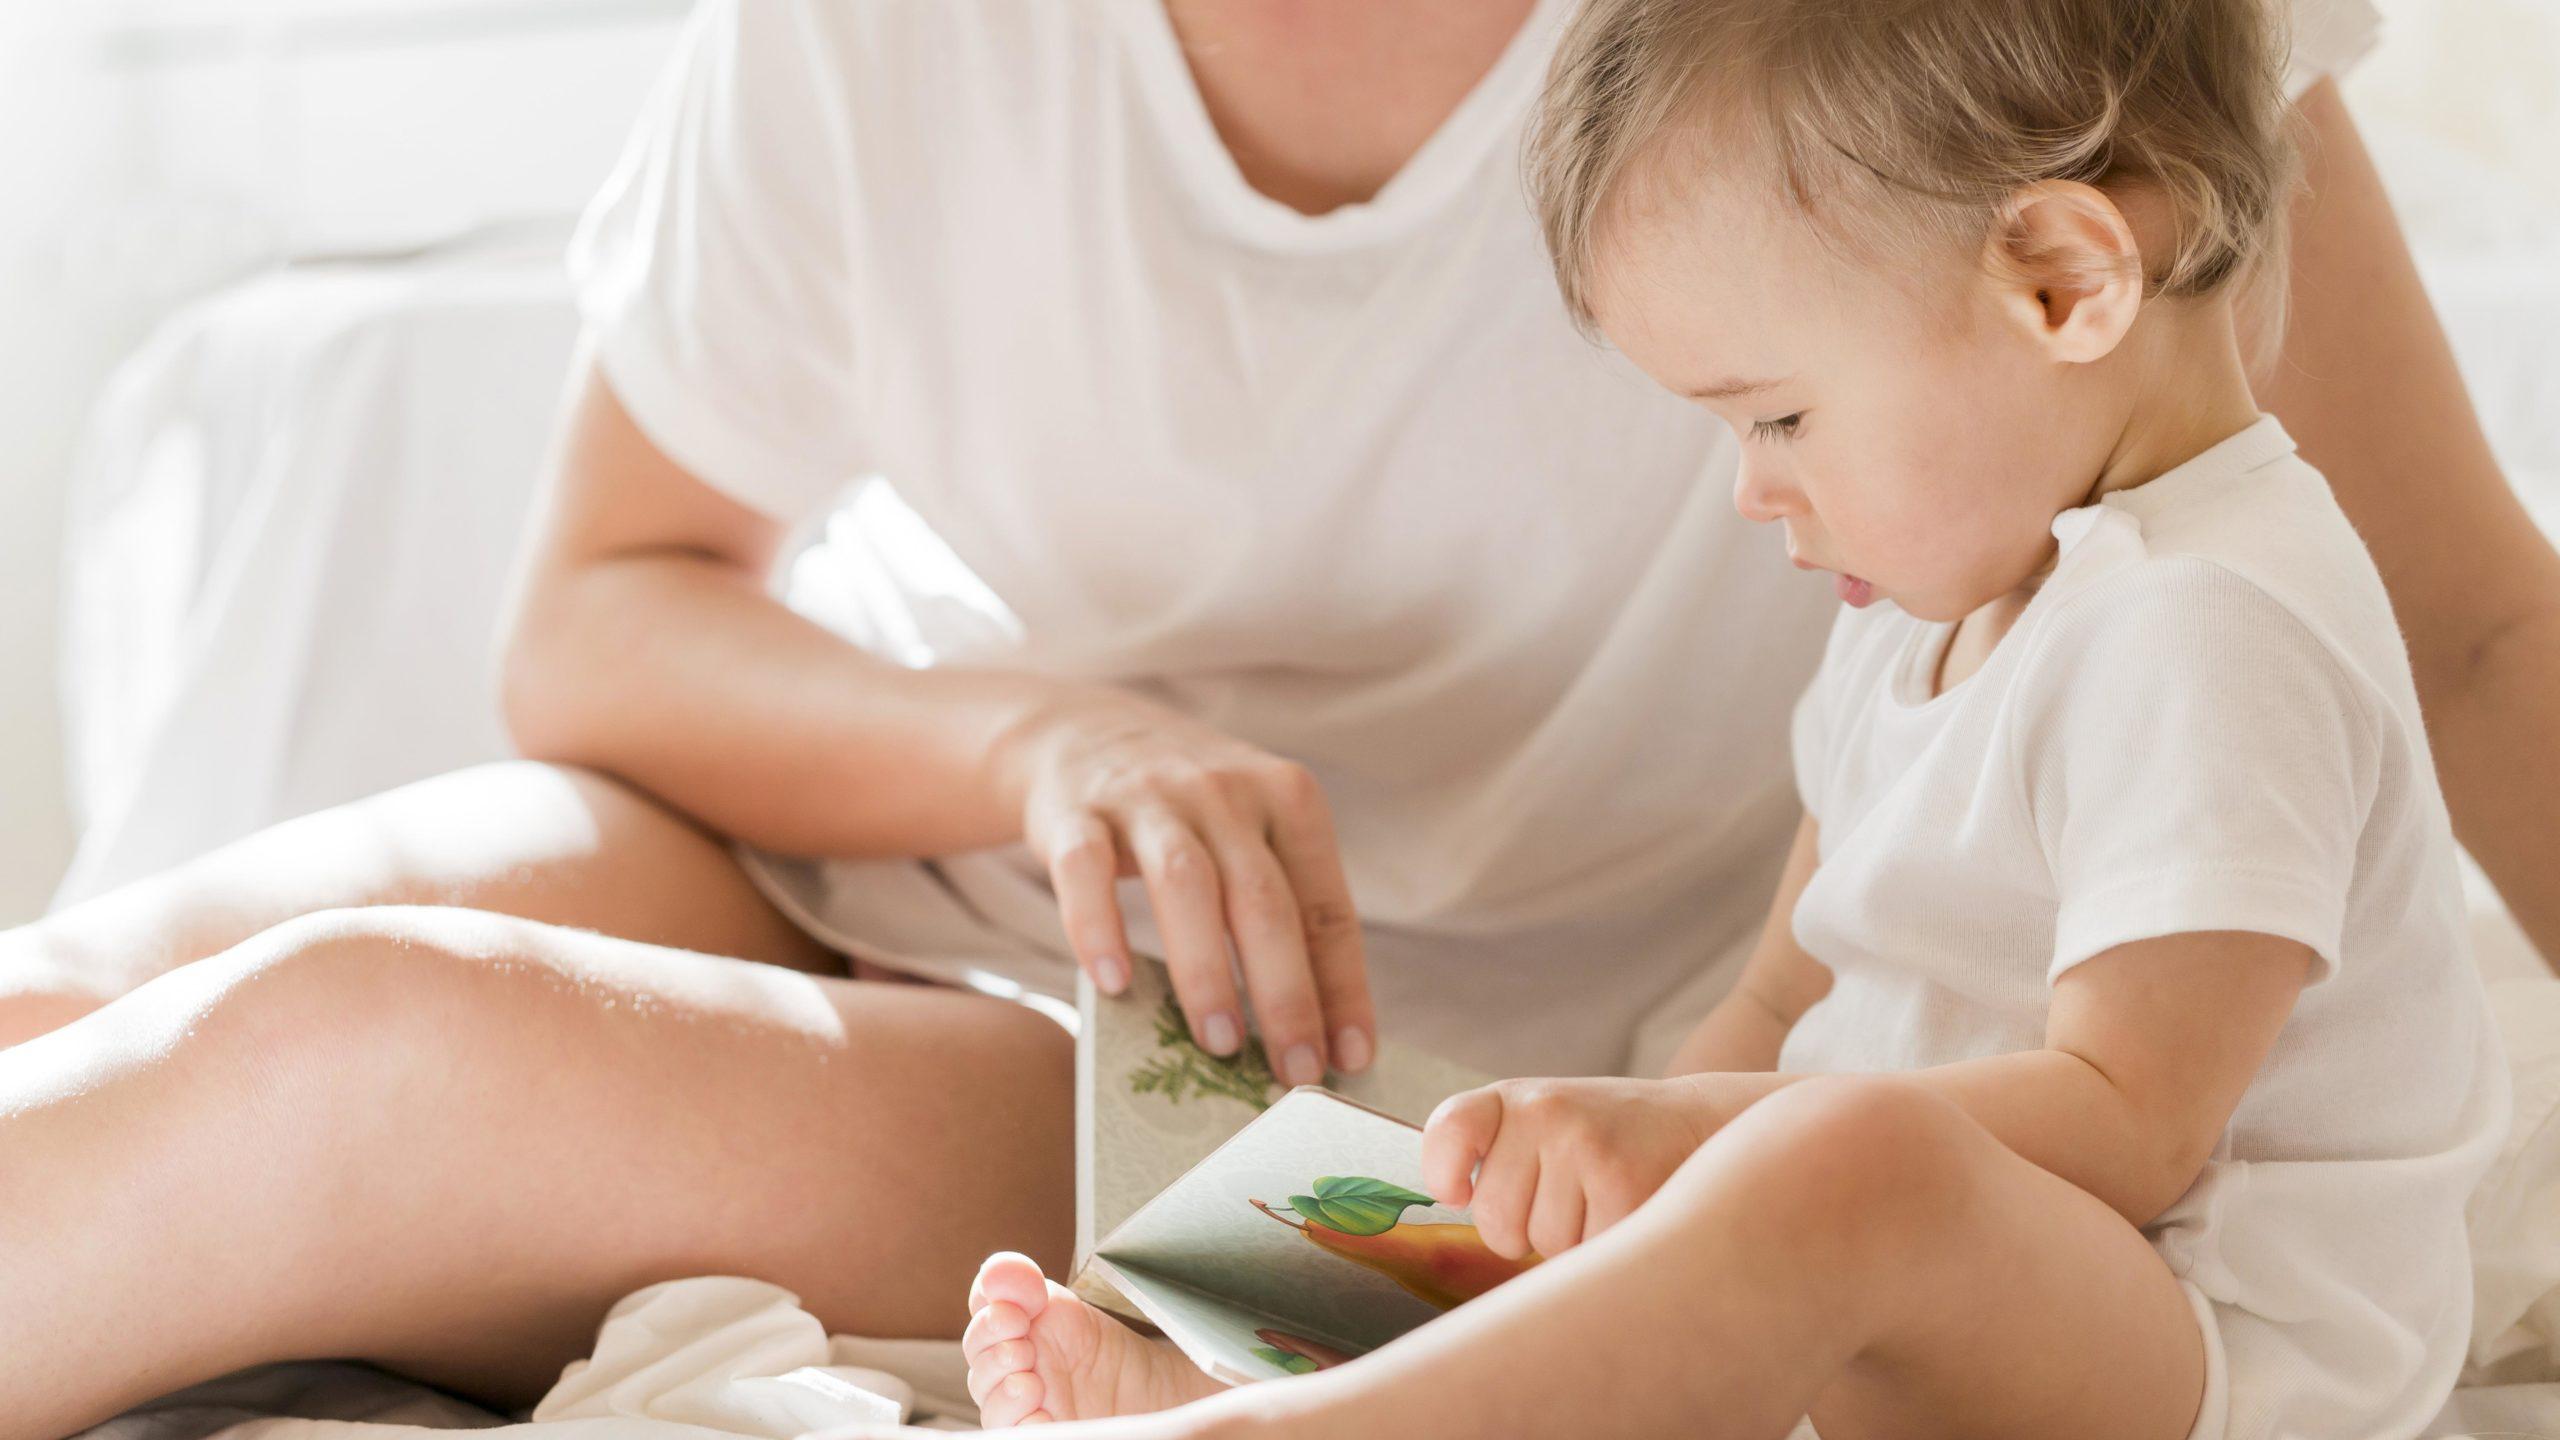 Desarrollo del lenguaje; Bebé y Mamá leyendo; Estimulacion temprana